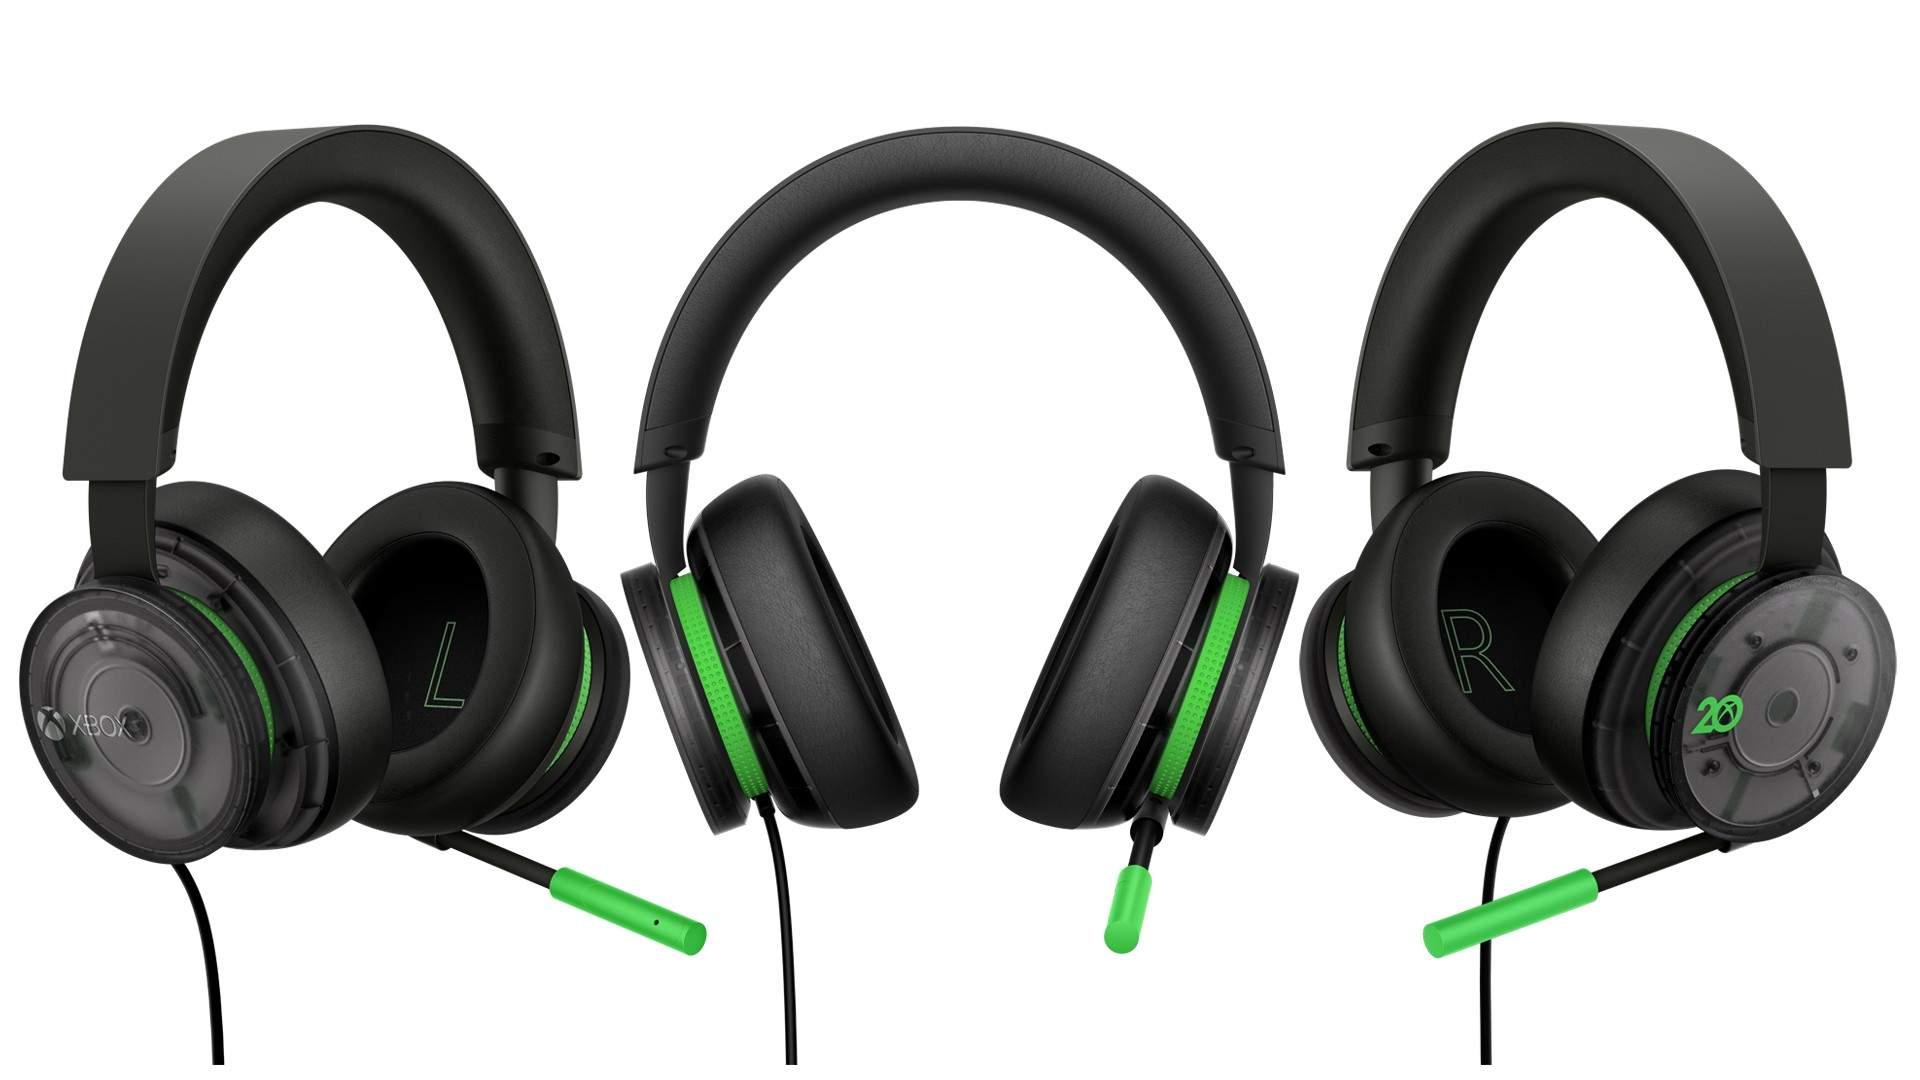 Průsvitné sluchátka k 20. výročí Xbox